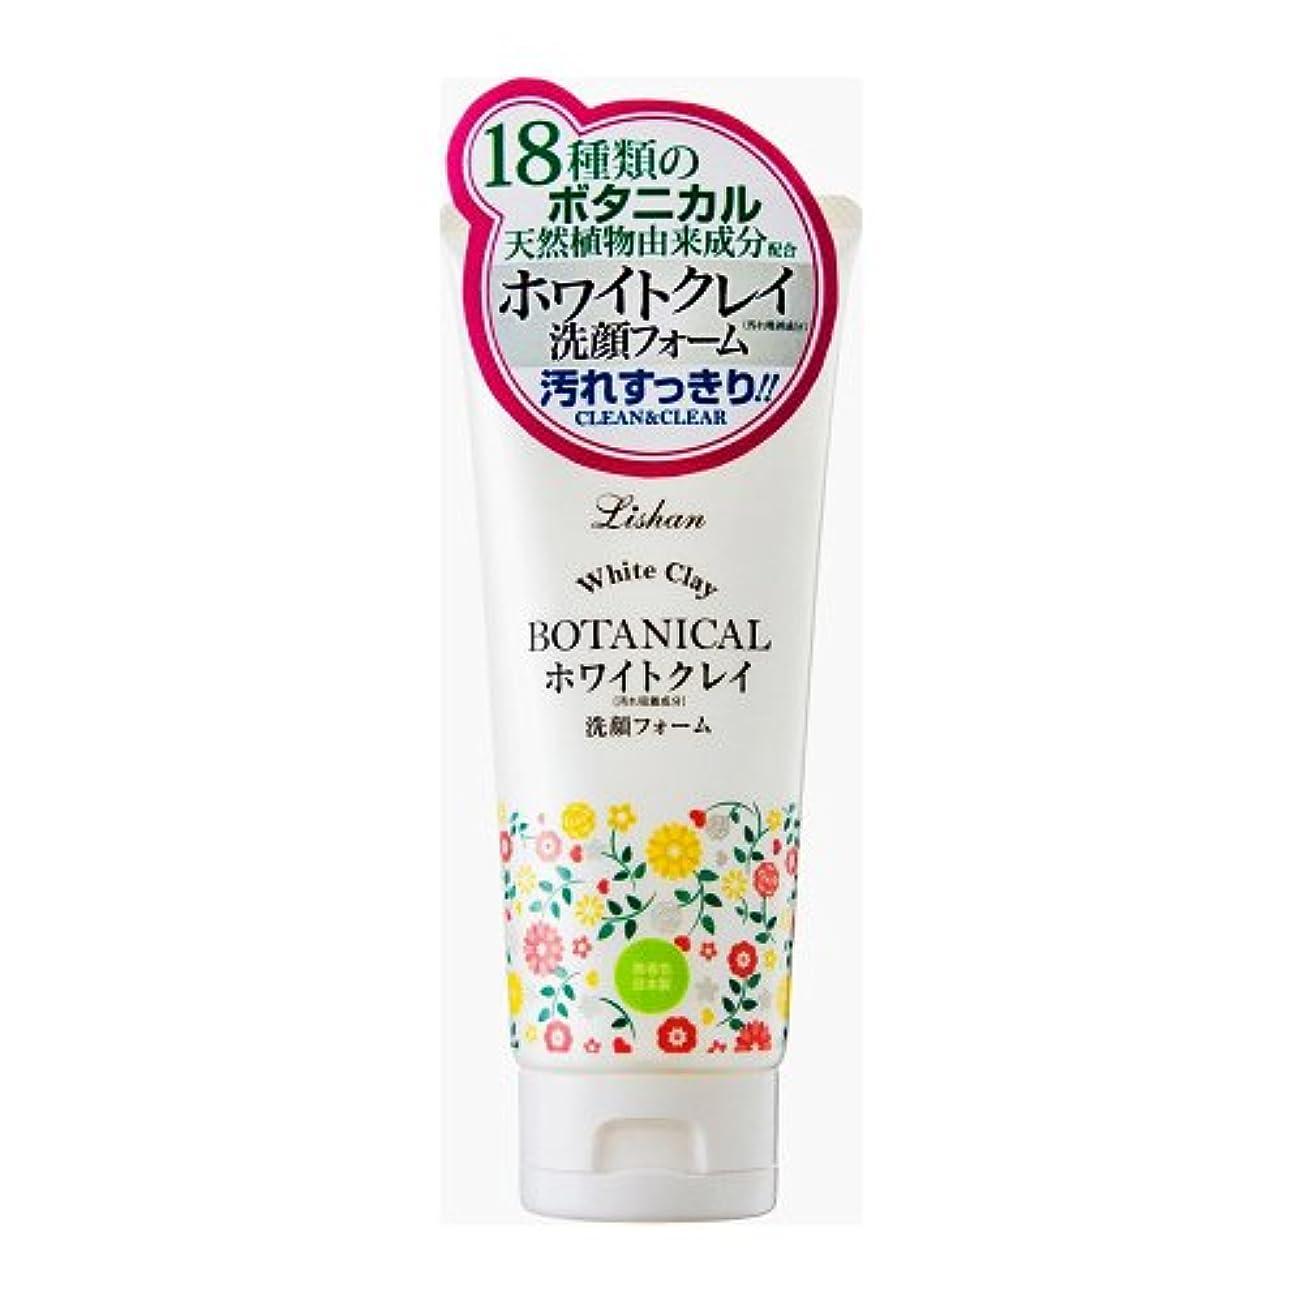 さようならリス有益リシャン ホワイトクレイ洗顔フォーム (フレッシュハーブの香り) (130g)